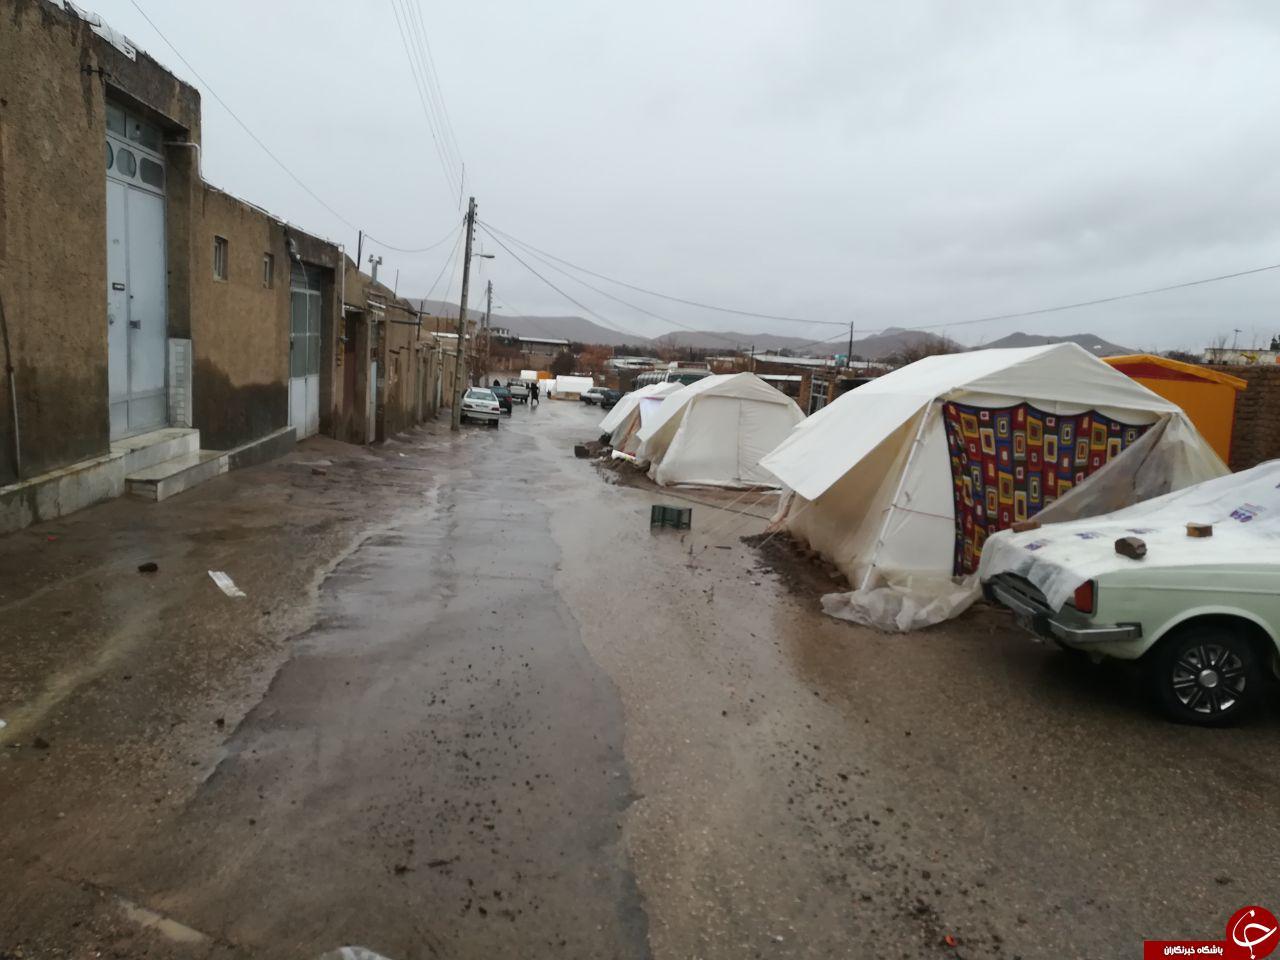 شرایط سخت زندگی زلزلهزدگان کوهبنان در بارندگی + تصاویر